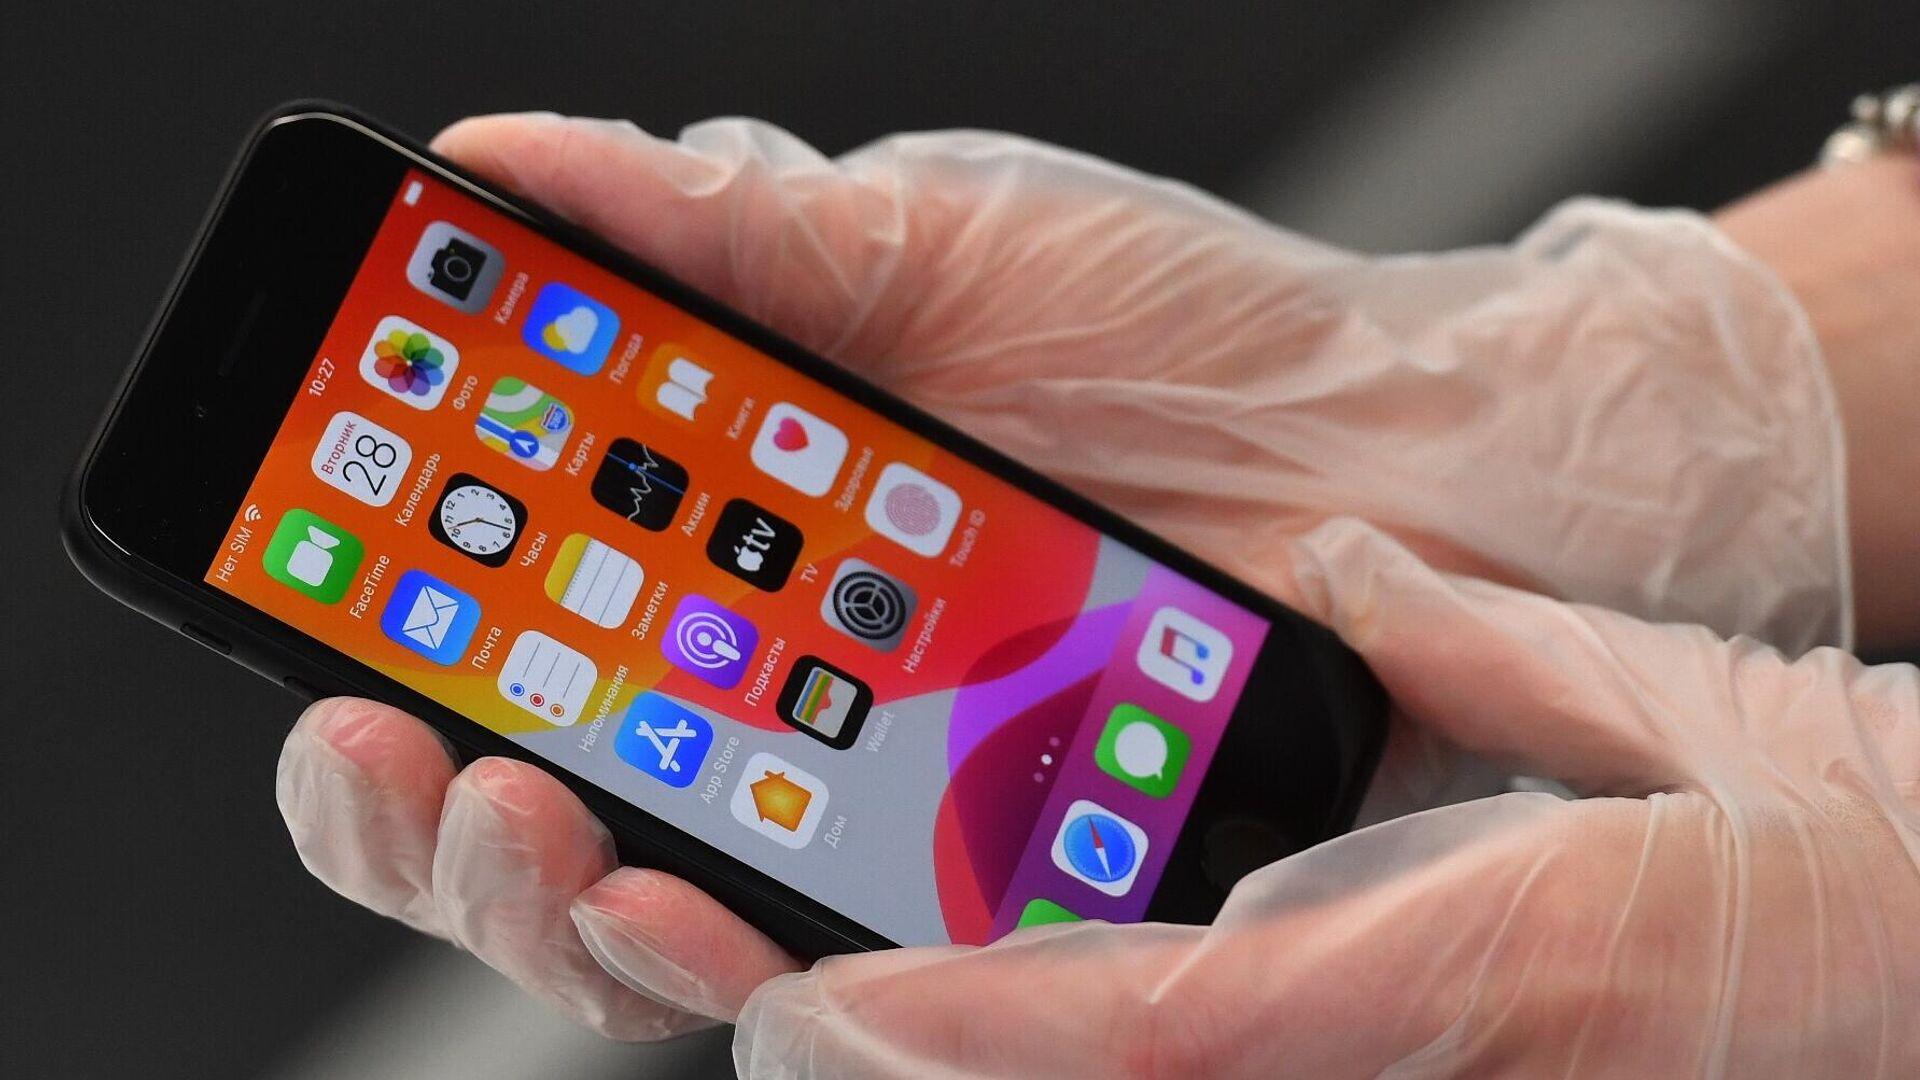 Новый смартфон компании Apple iPhone SE 2020 в магазине Cstore в Москве - РИА Новости, 1920, 16.09.2020